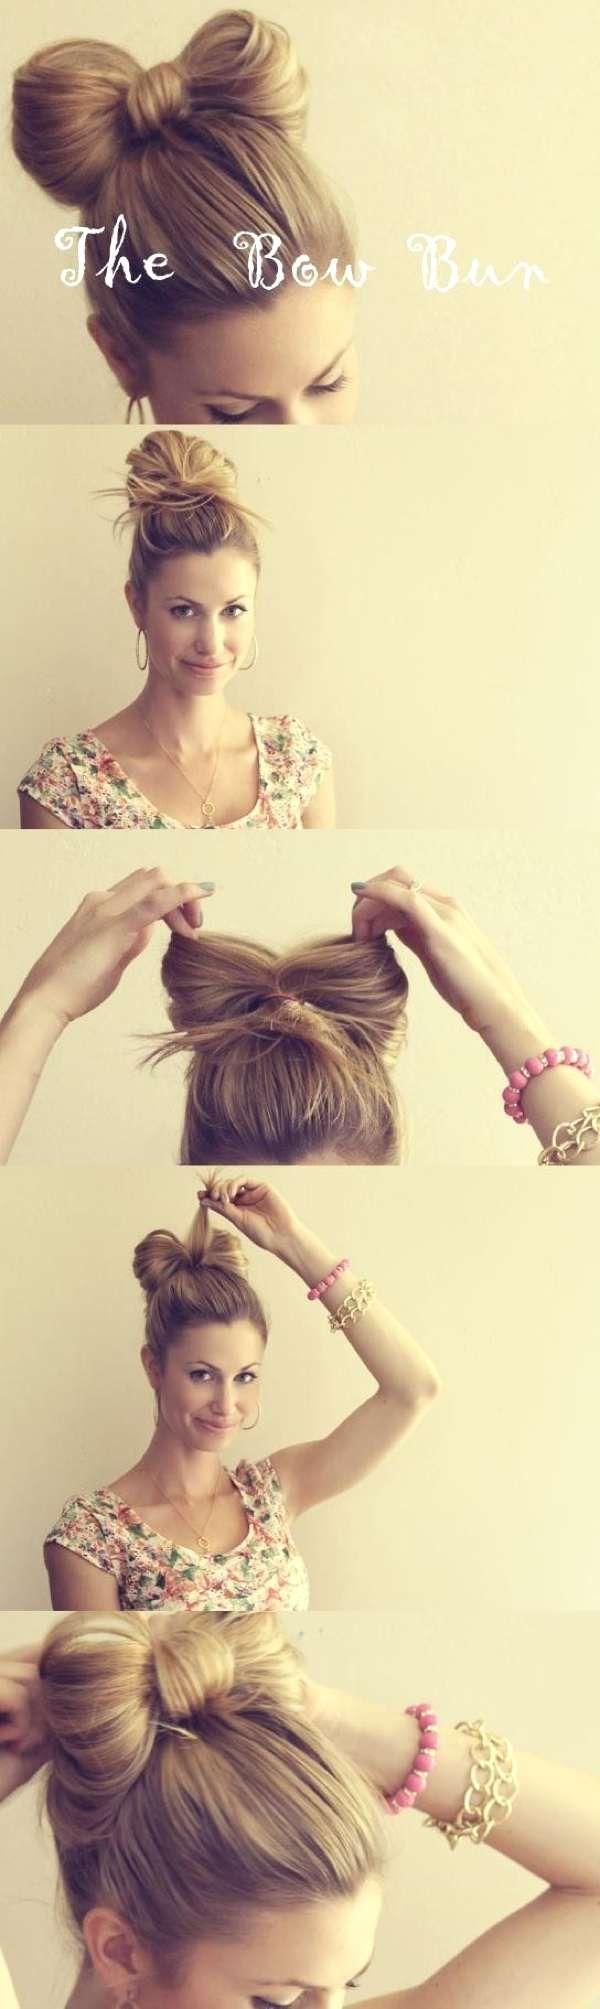 Hair Style Ideas- The Hair Bow – Vanessa Michelle